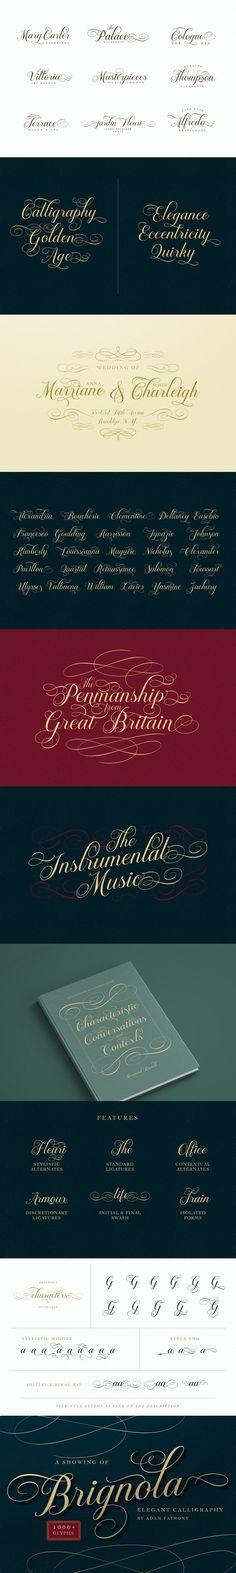 Brignola - Elegant Calligraphy - Web & Graphic Design on SVG Ninja Elegant Fonts, Scottish Gaelic, Typography, Lettering, Script, Calligraphy, Graphic Design, Ninja, Classy Fonts